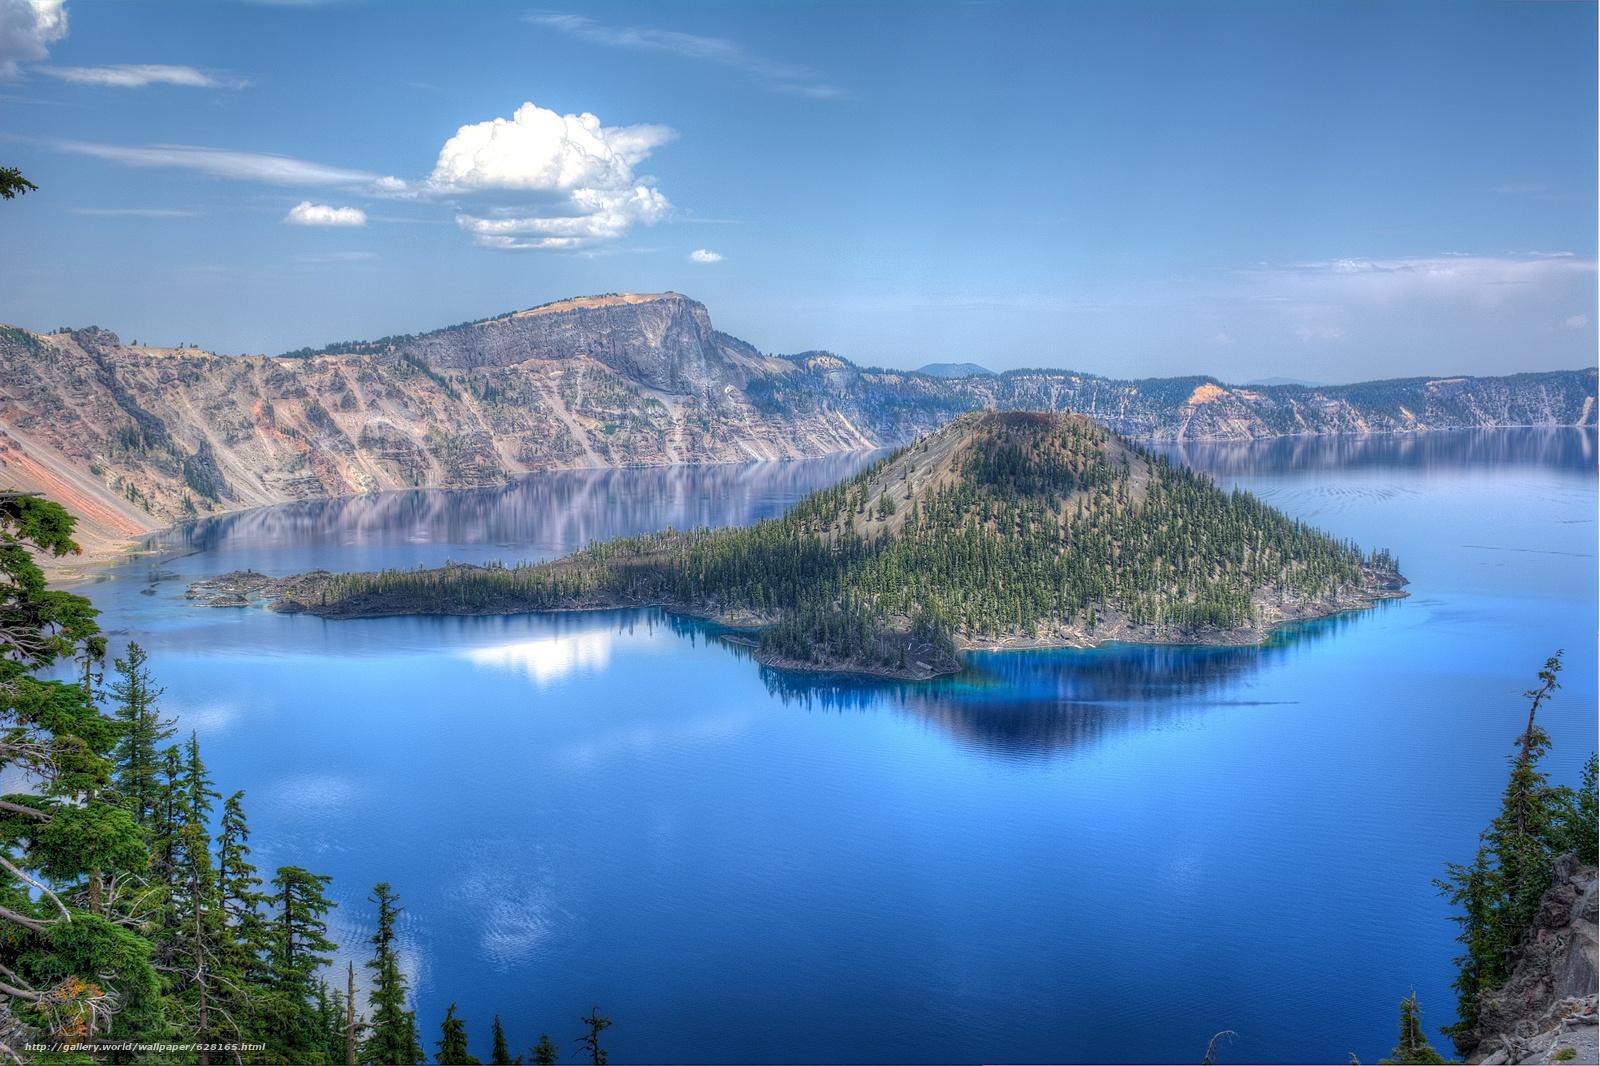 Скачать обои Crater Lake National Park,  озеро,  остров,  деревья бесплатно для рабочего стола в разрешении 6036x4020 — картинка №628165